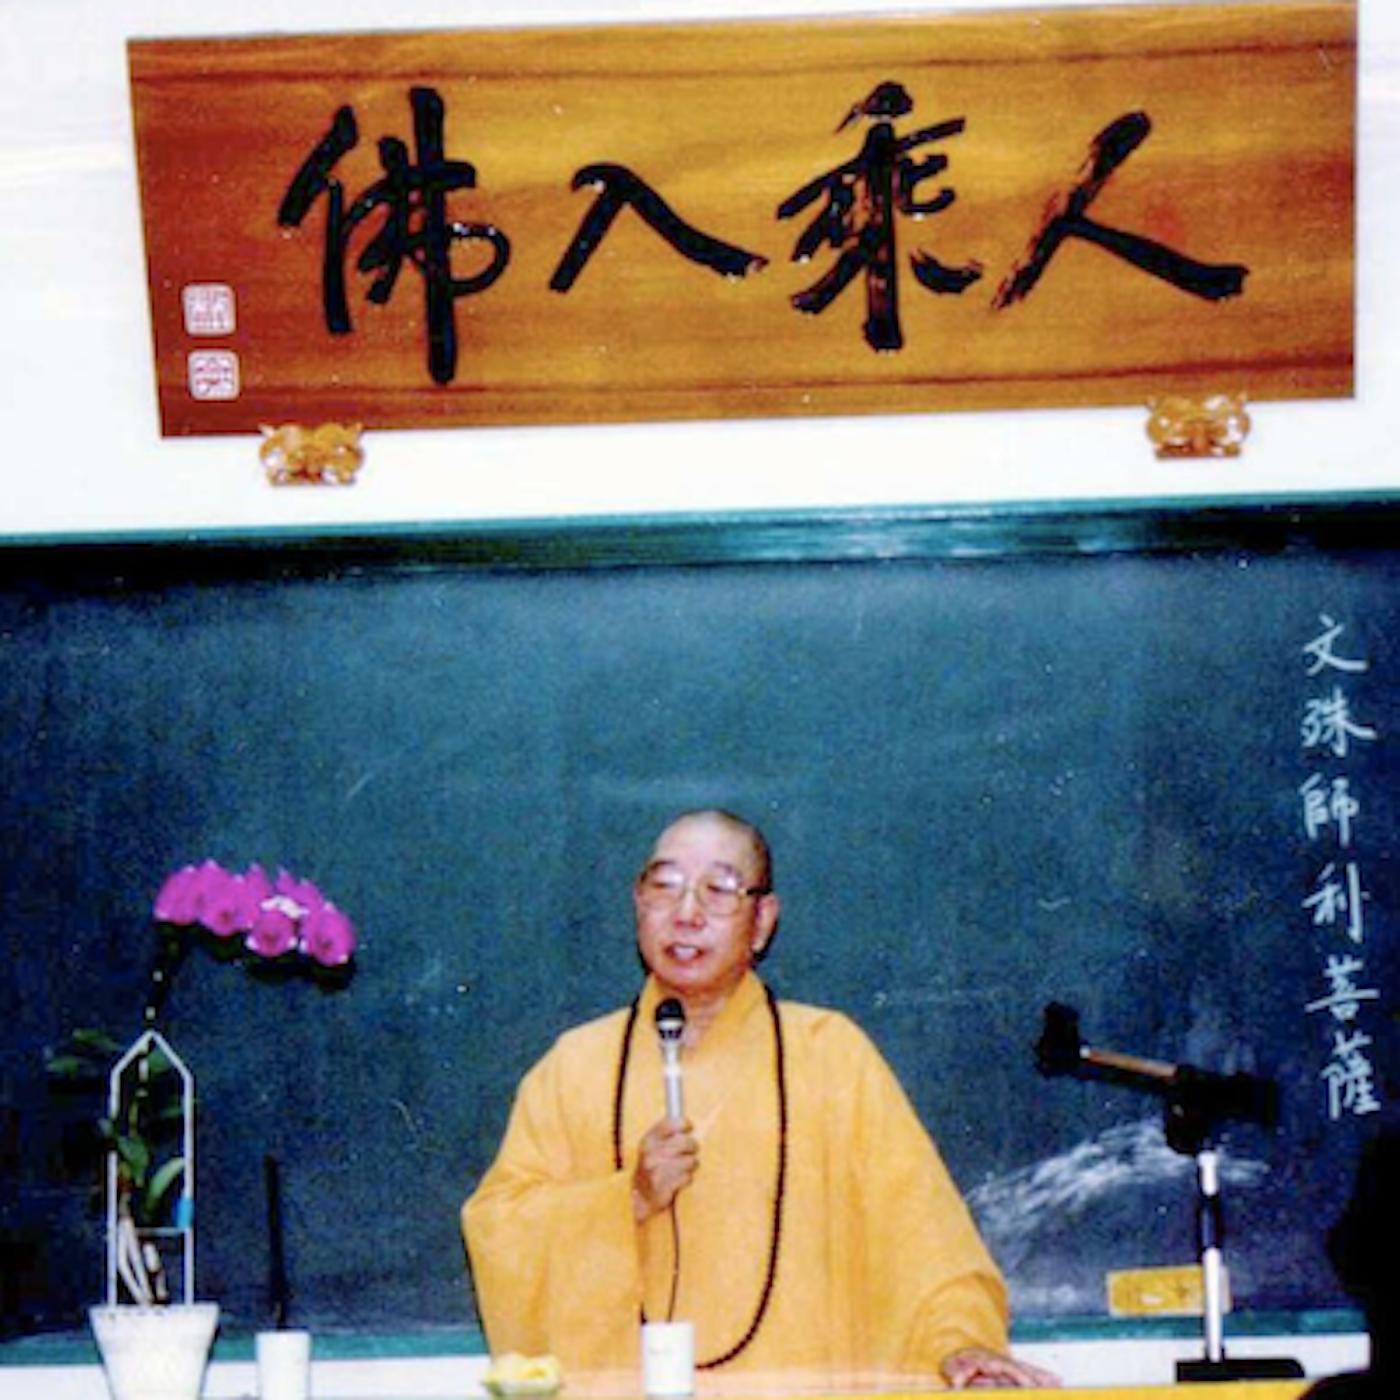 唯佛宗世界人乘佛教 歌曲